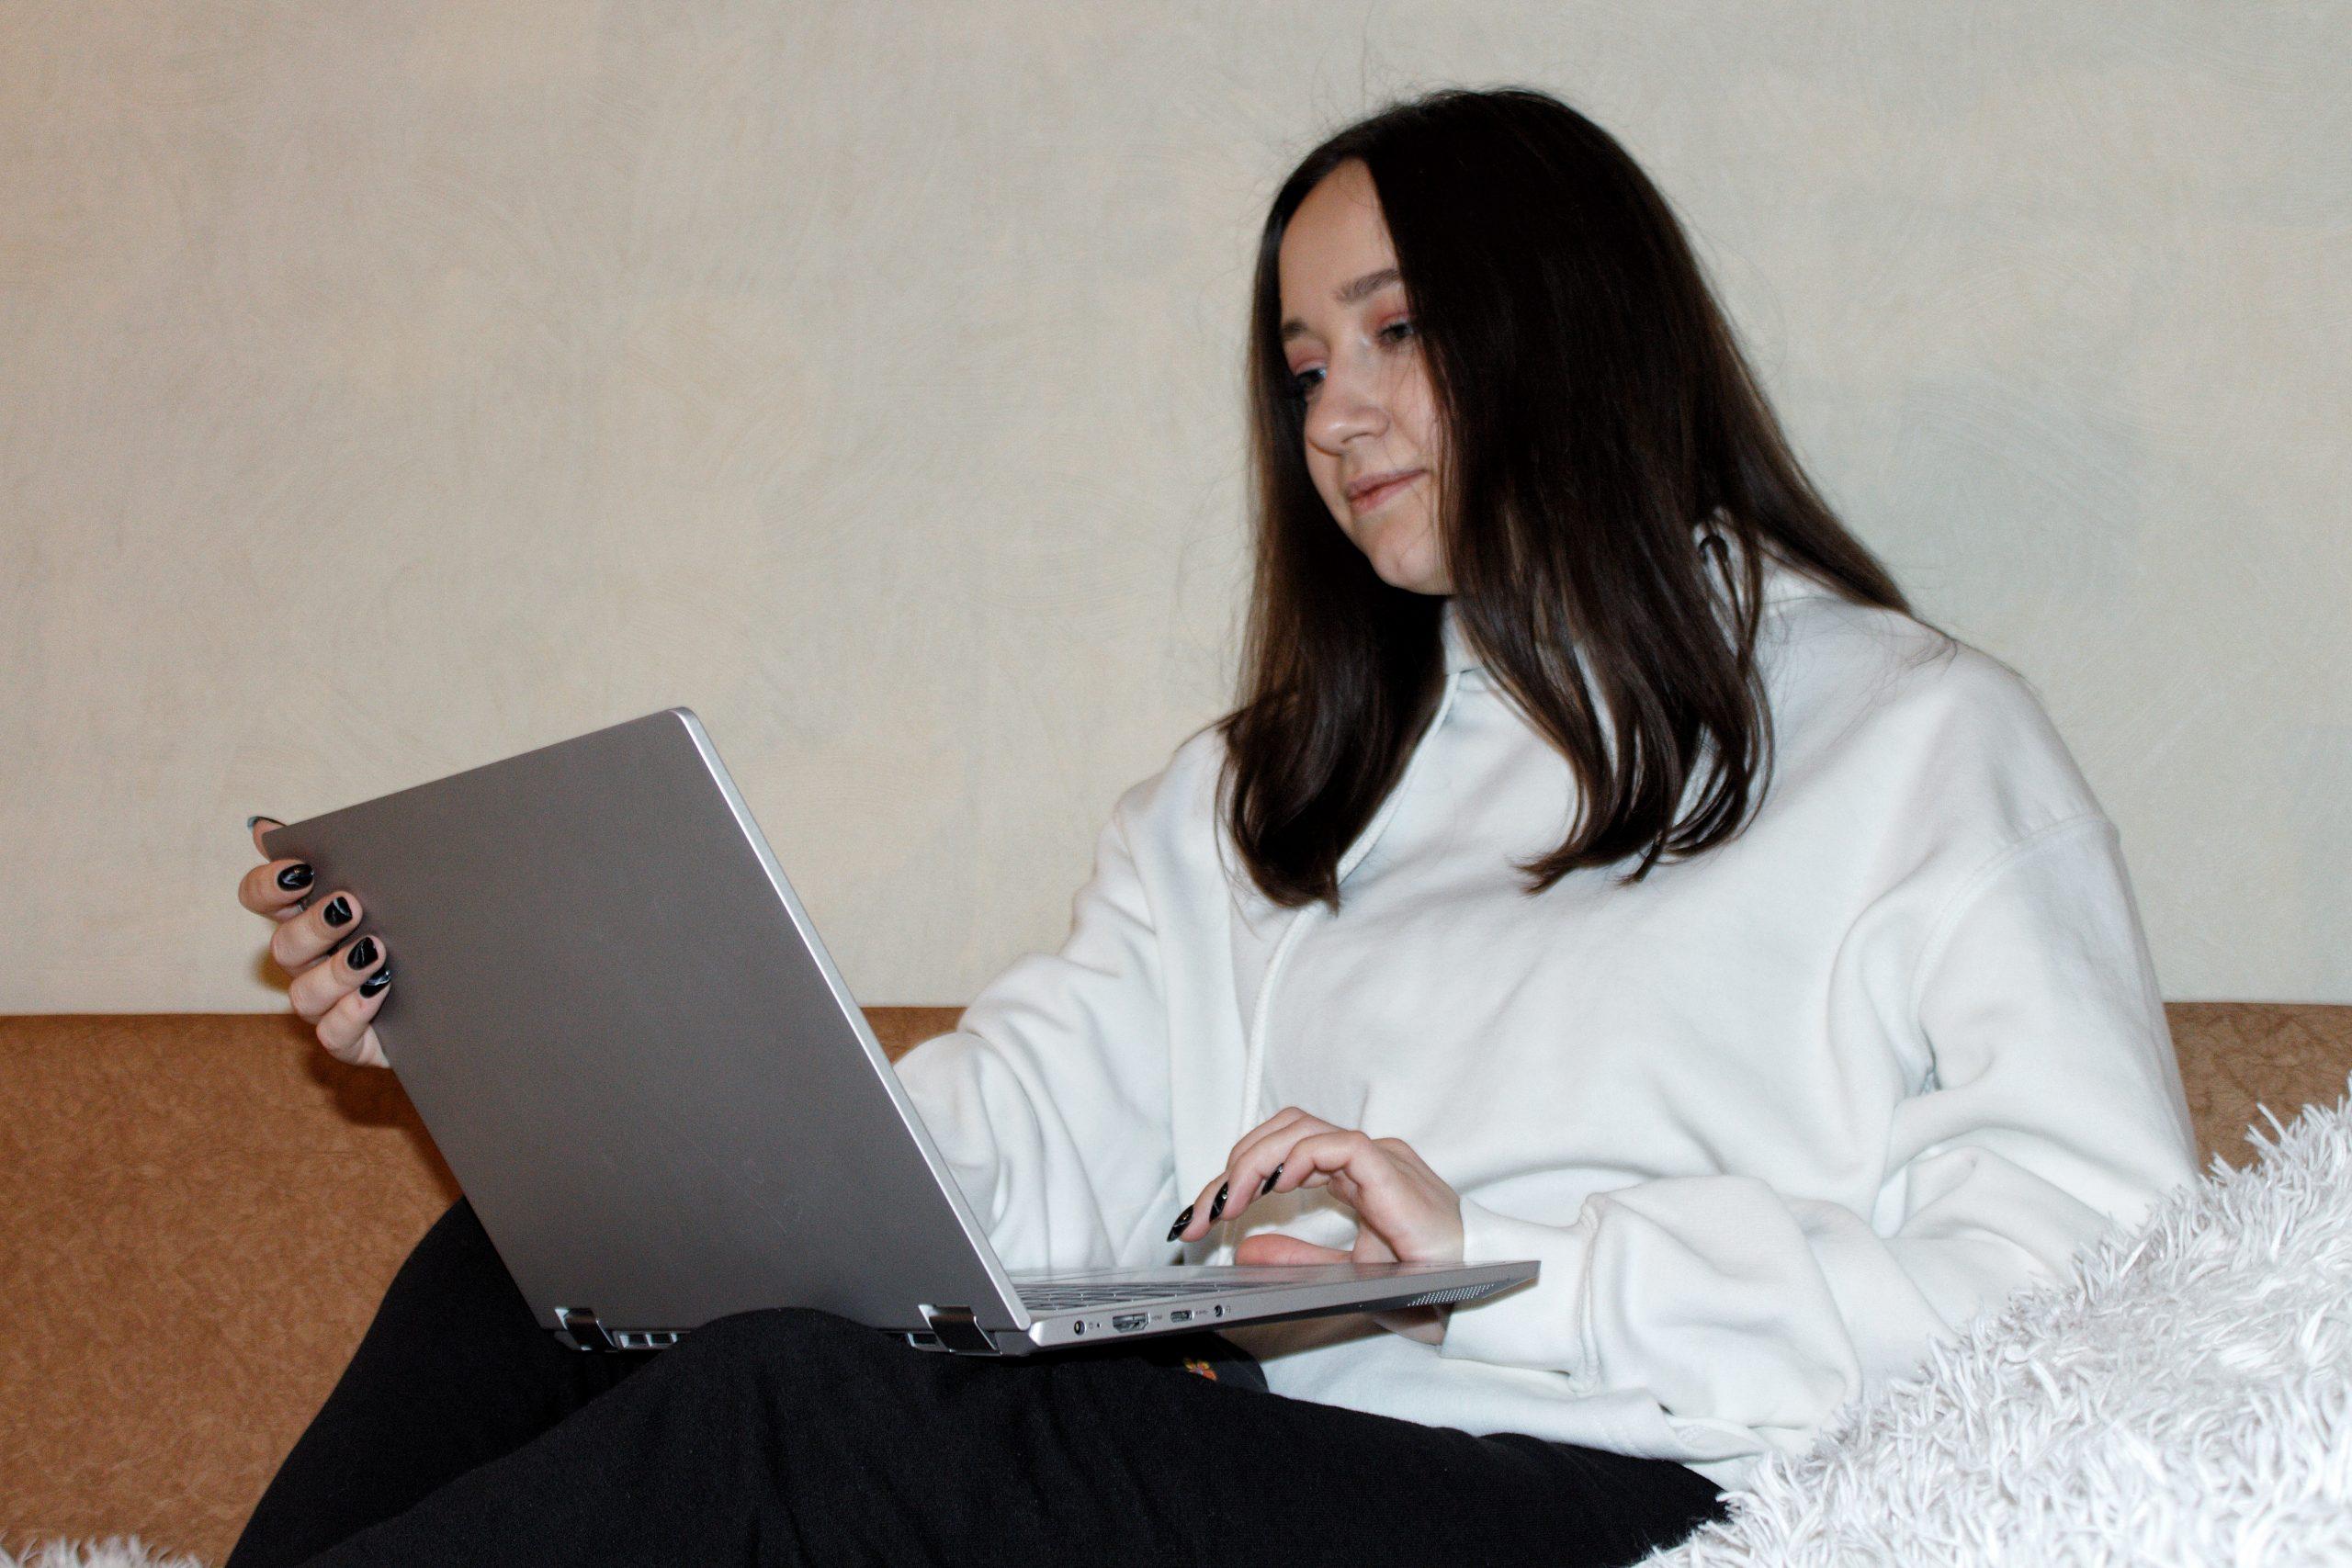 Онлайн-квесты и мастер-классы подготовят для жителей Москвы на фестивале финансовой грамотности